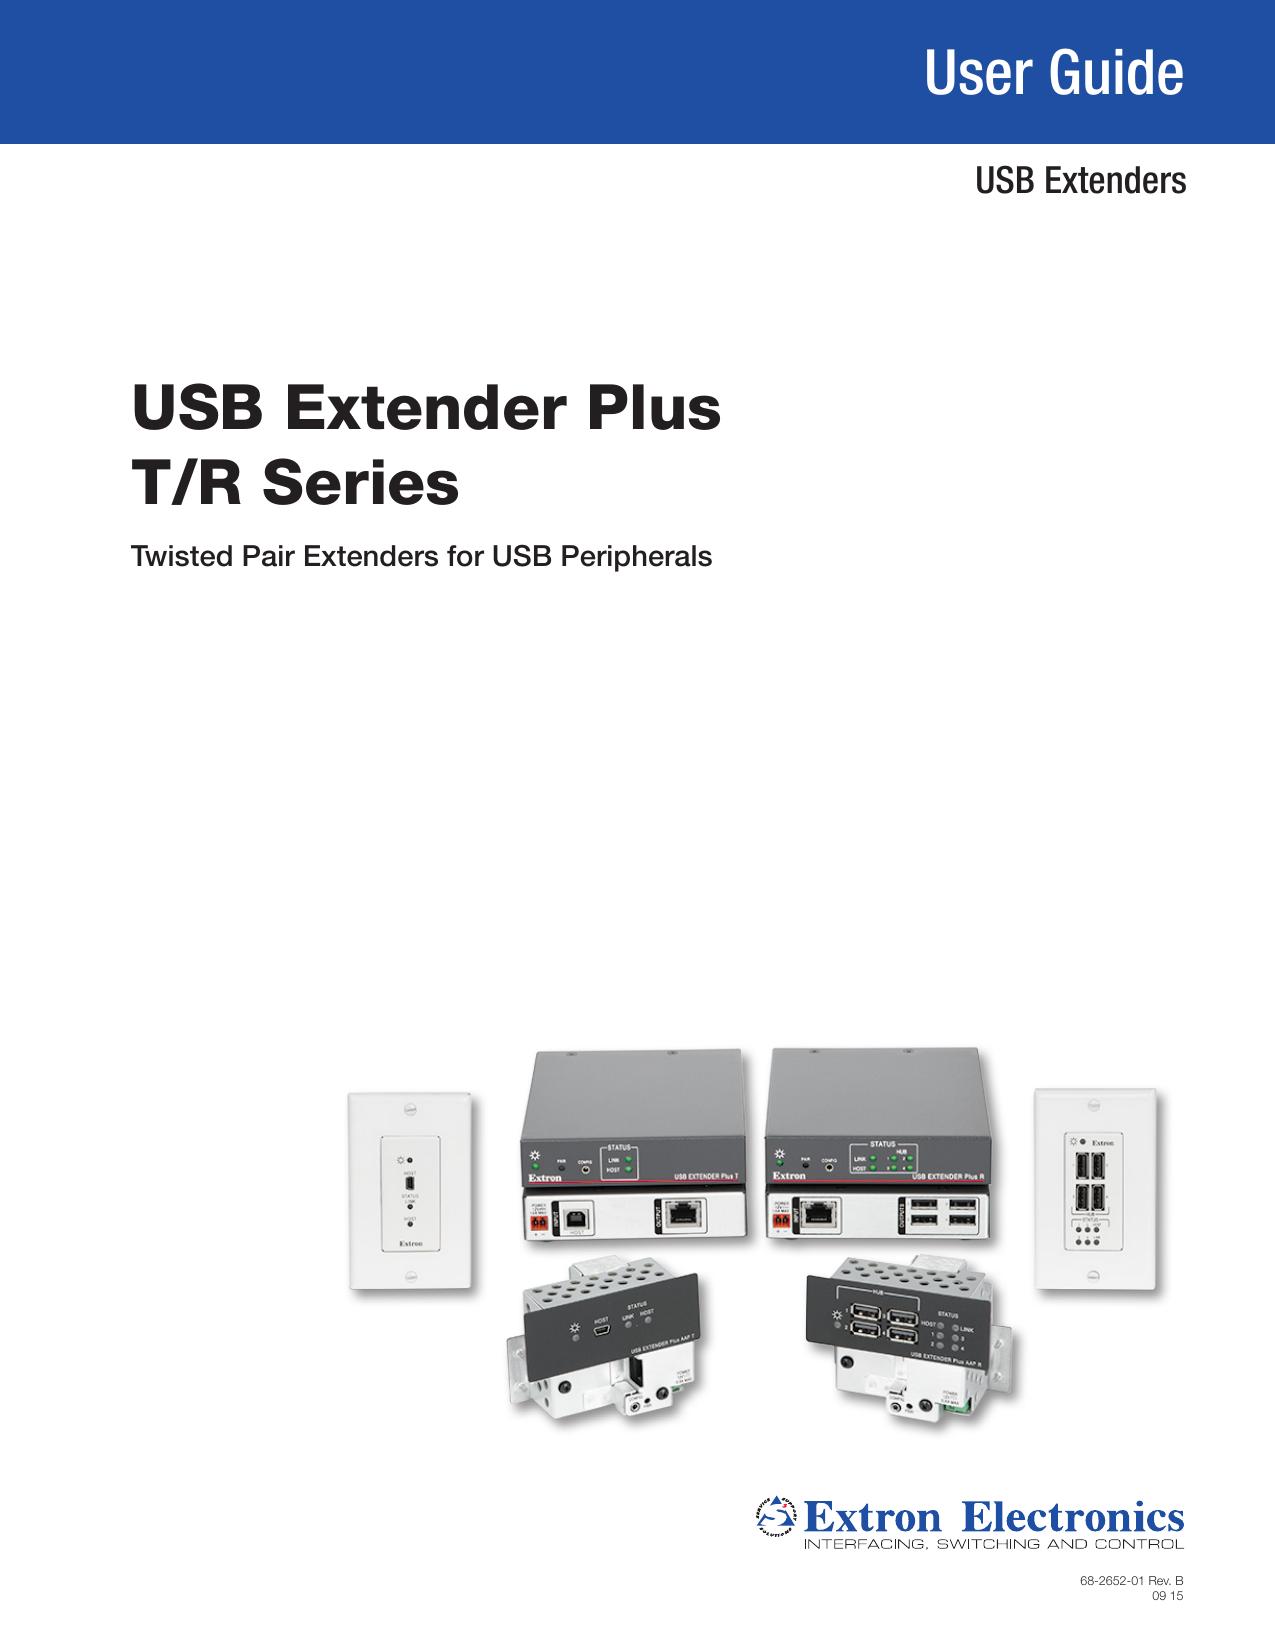 Dell Usb Manual Guide